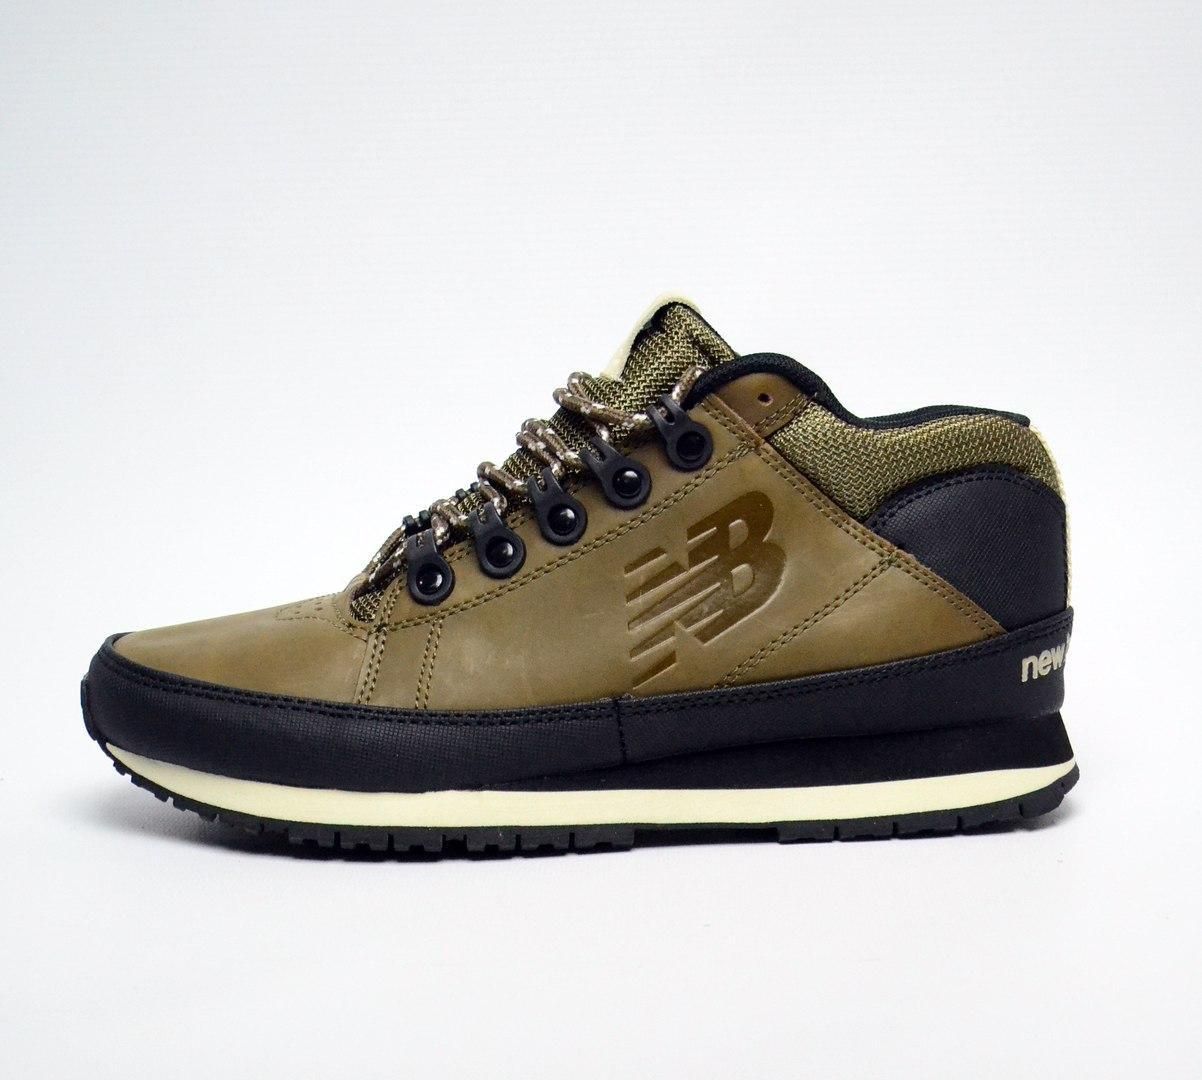 Мужские кроссовки New Balance 754 Winter Shoes коричневые топ реплика